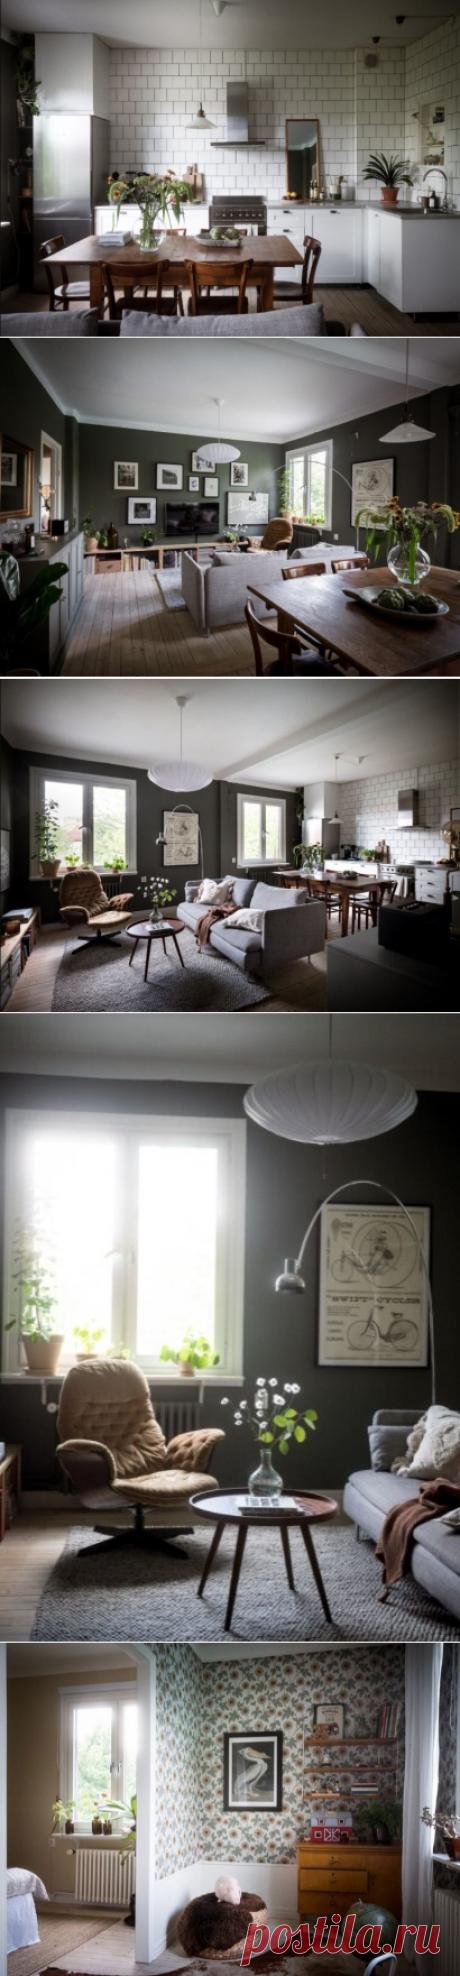 Крашеные стены и деревянный пол: красивый интерьер квартиры в старом доме, Швеция  Интерьер квартиры в Стокгольме для пары с детьми